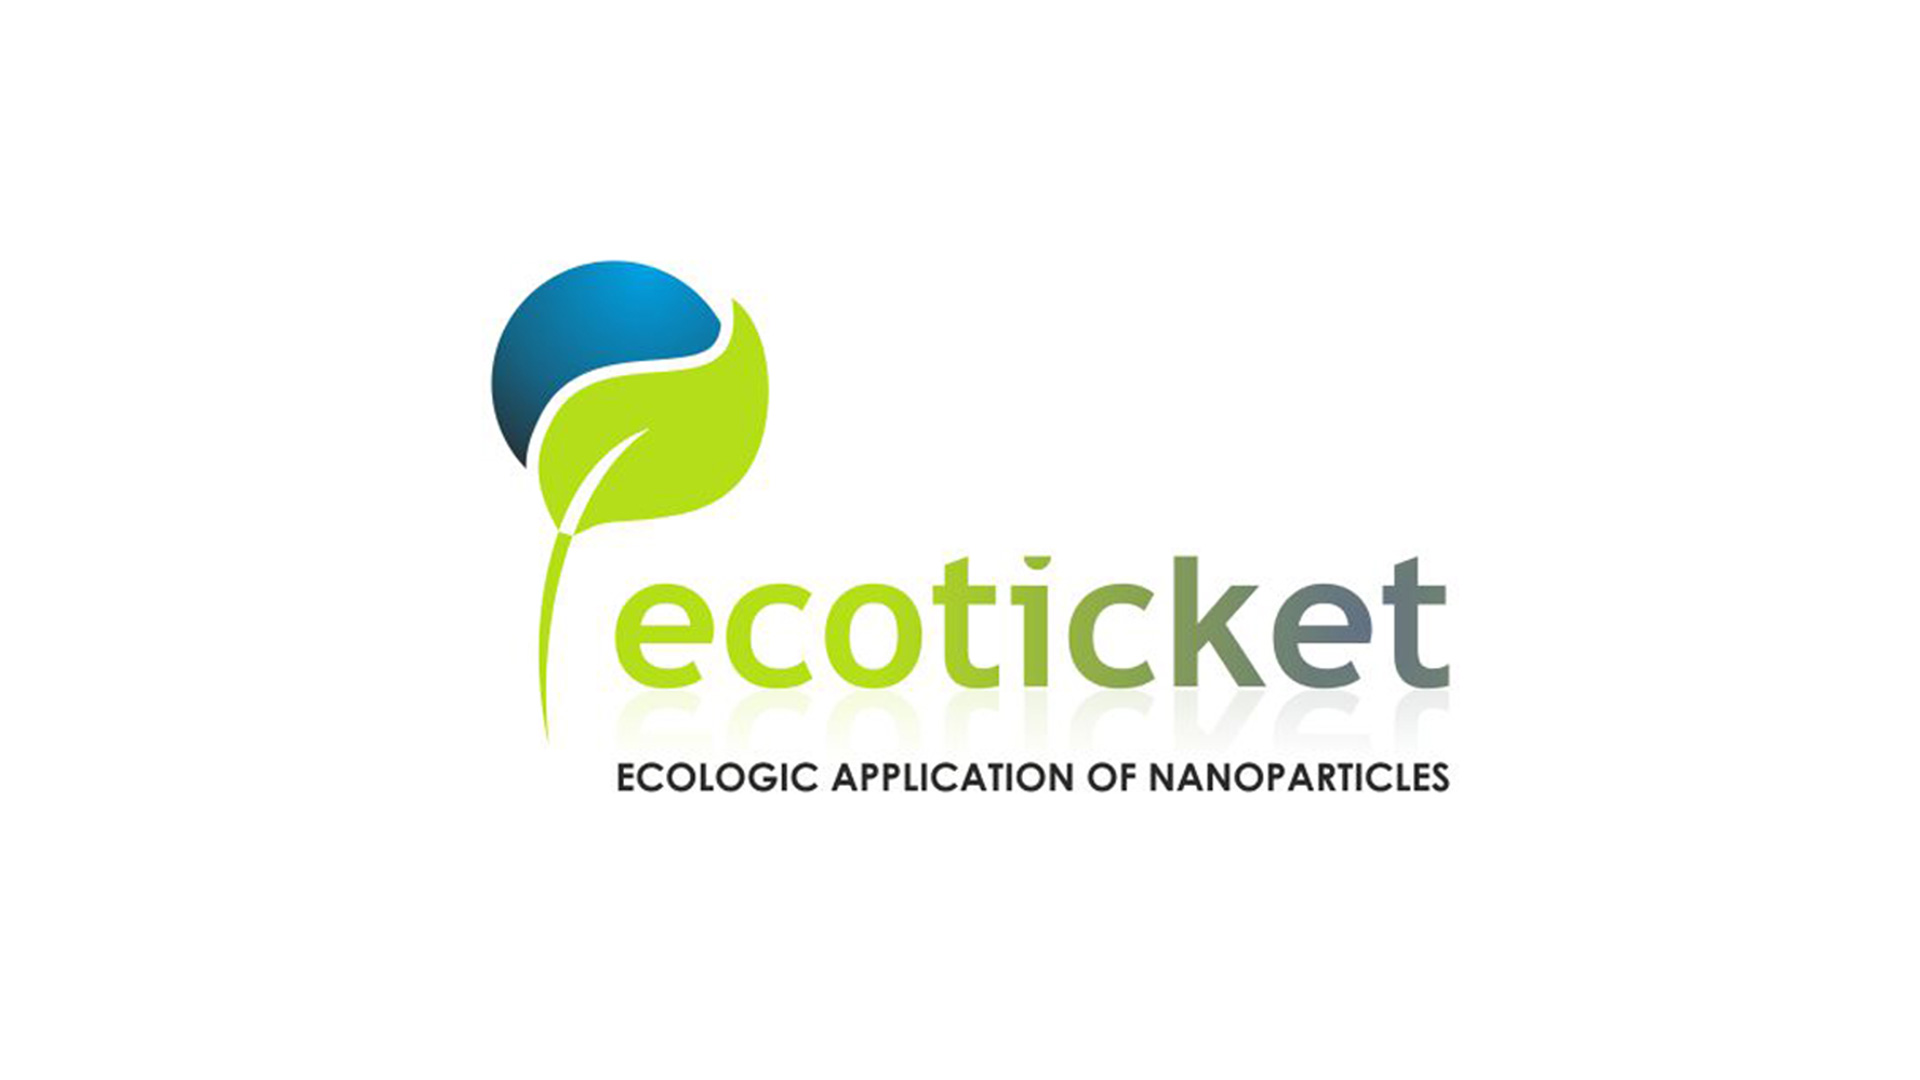 ecoticket-logótipo-publicidade-design gráfico